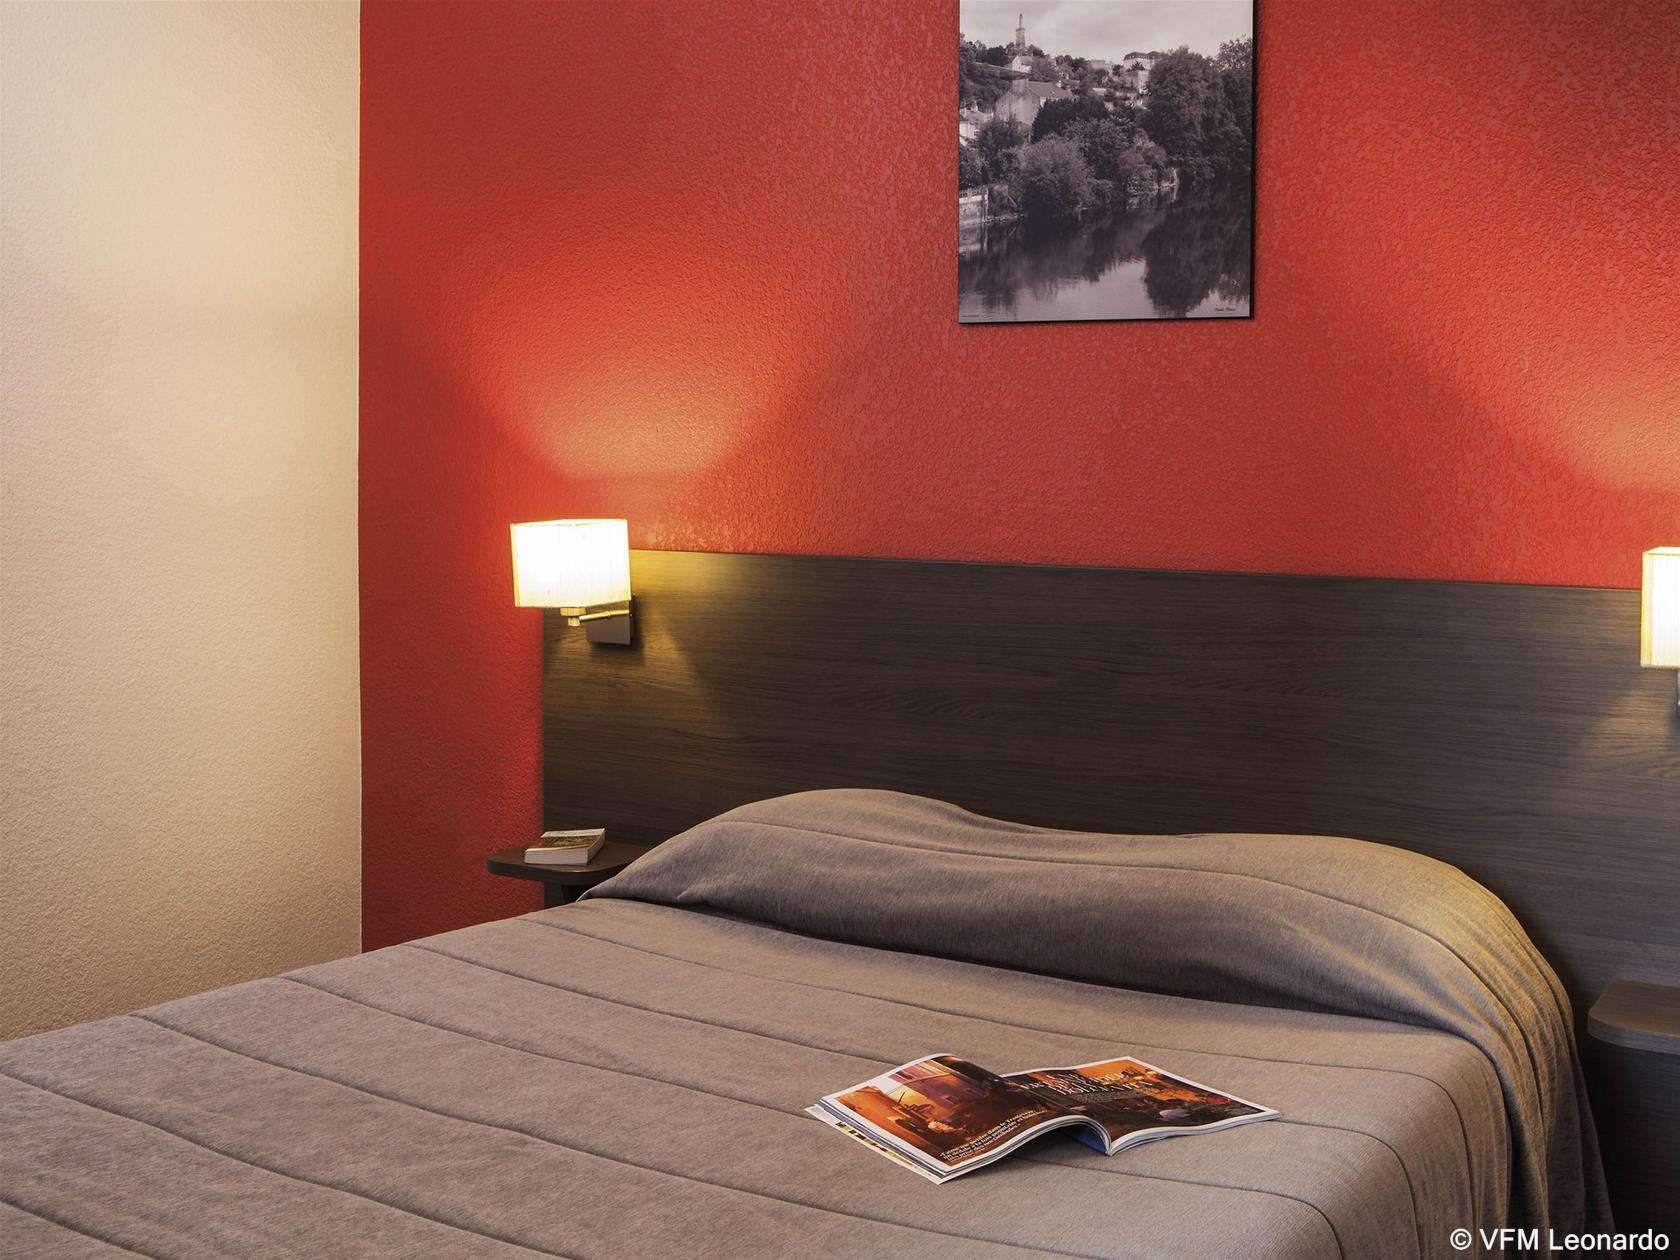 train paris poitiers partir de 37 promos de billets tgv et sncf. Black Bedroom Furniture Sets. Home Design Ideas